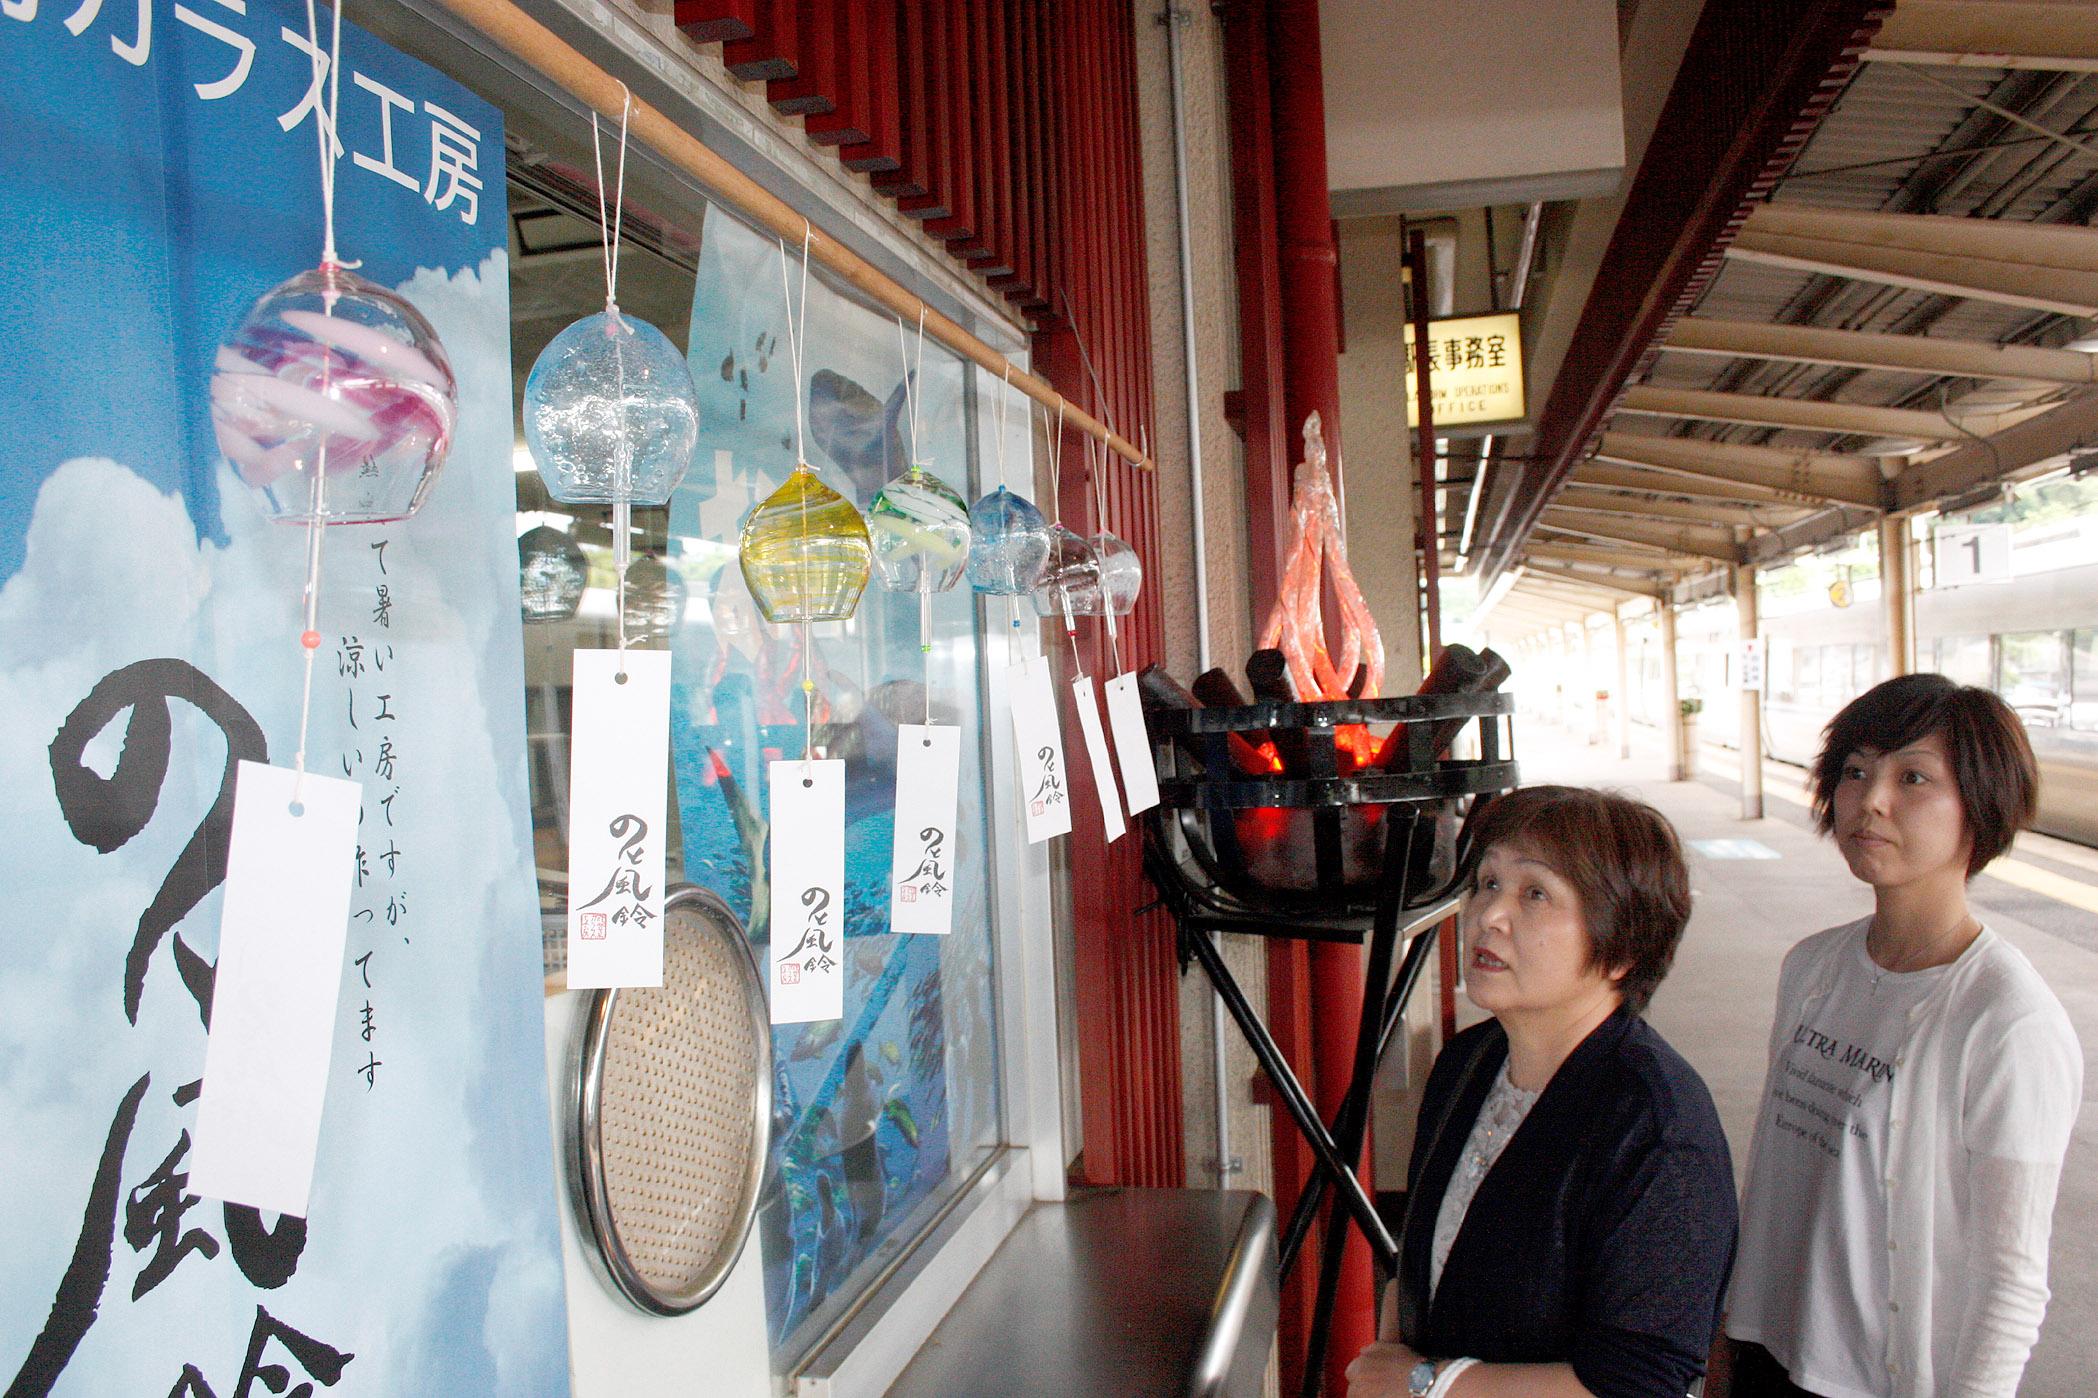 のと風鈴を眺める駅利用者=JR和倉温泉駅